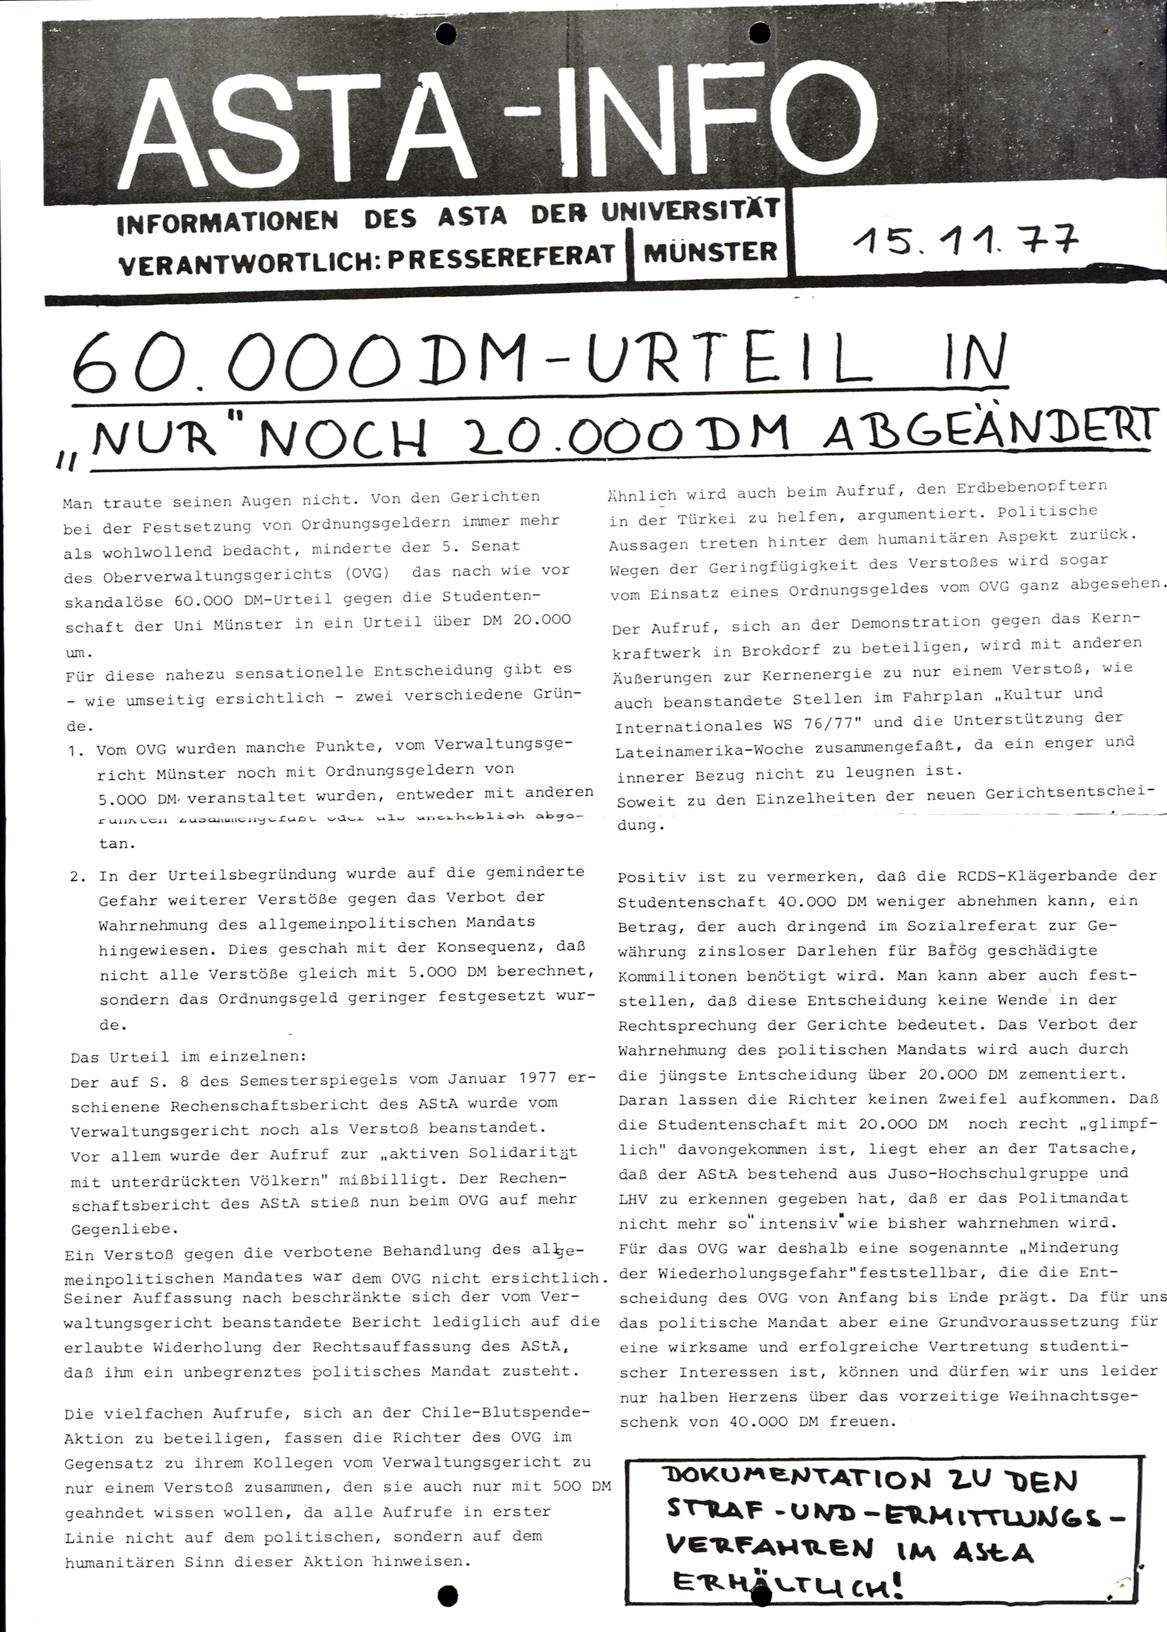 Muenster_AStA_Info_19771115_01